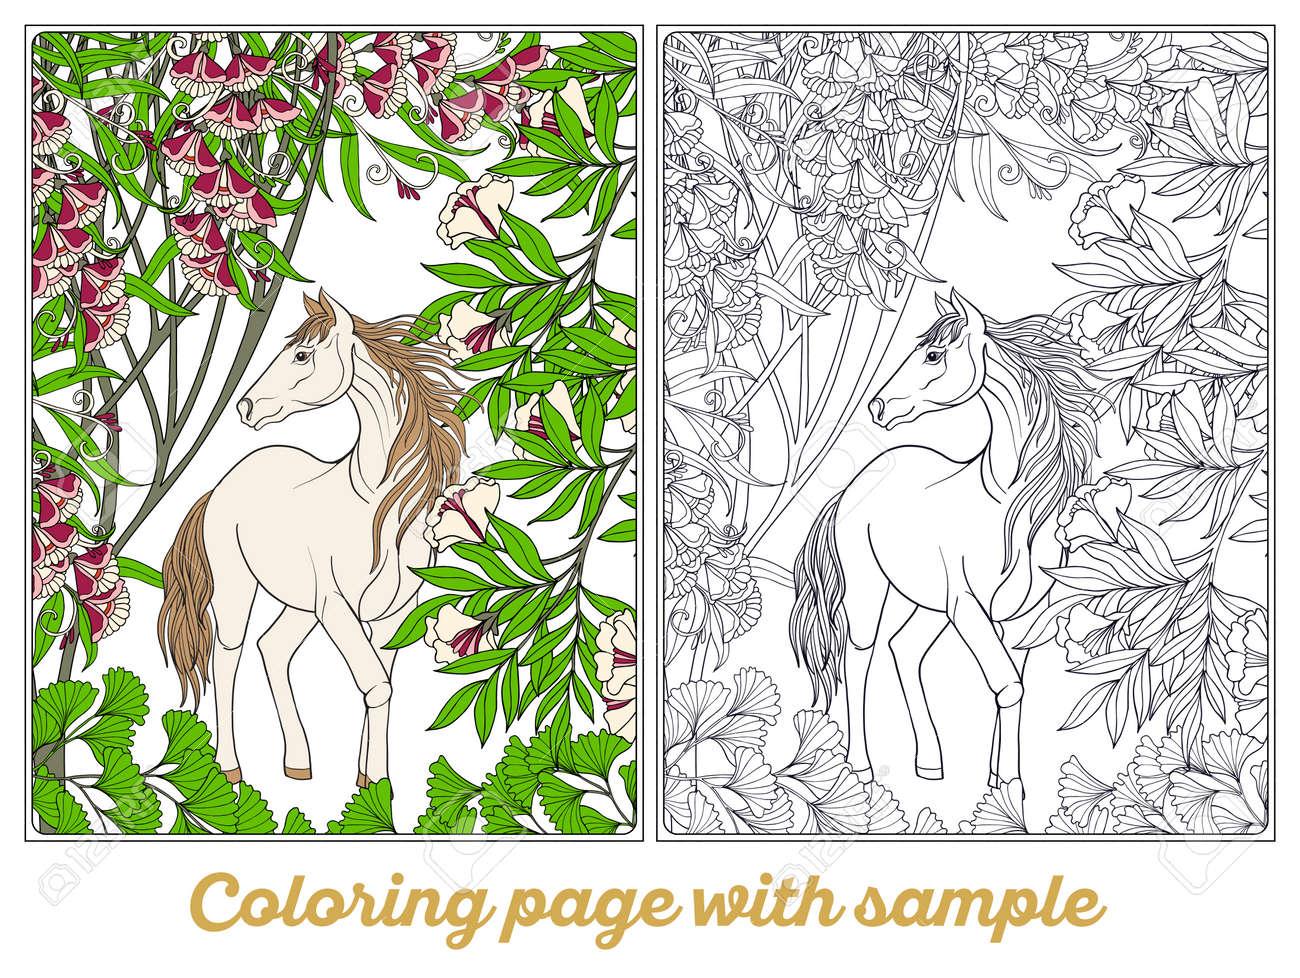 Vettoriale Cavallo In Giardino Illustrazione Libro Da Colorare